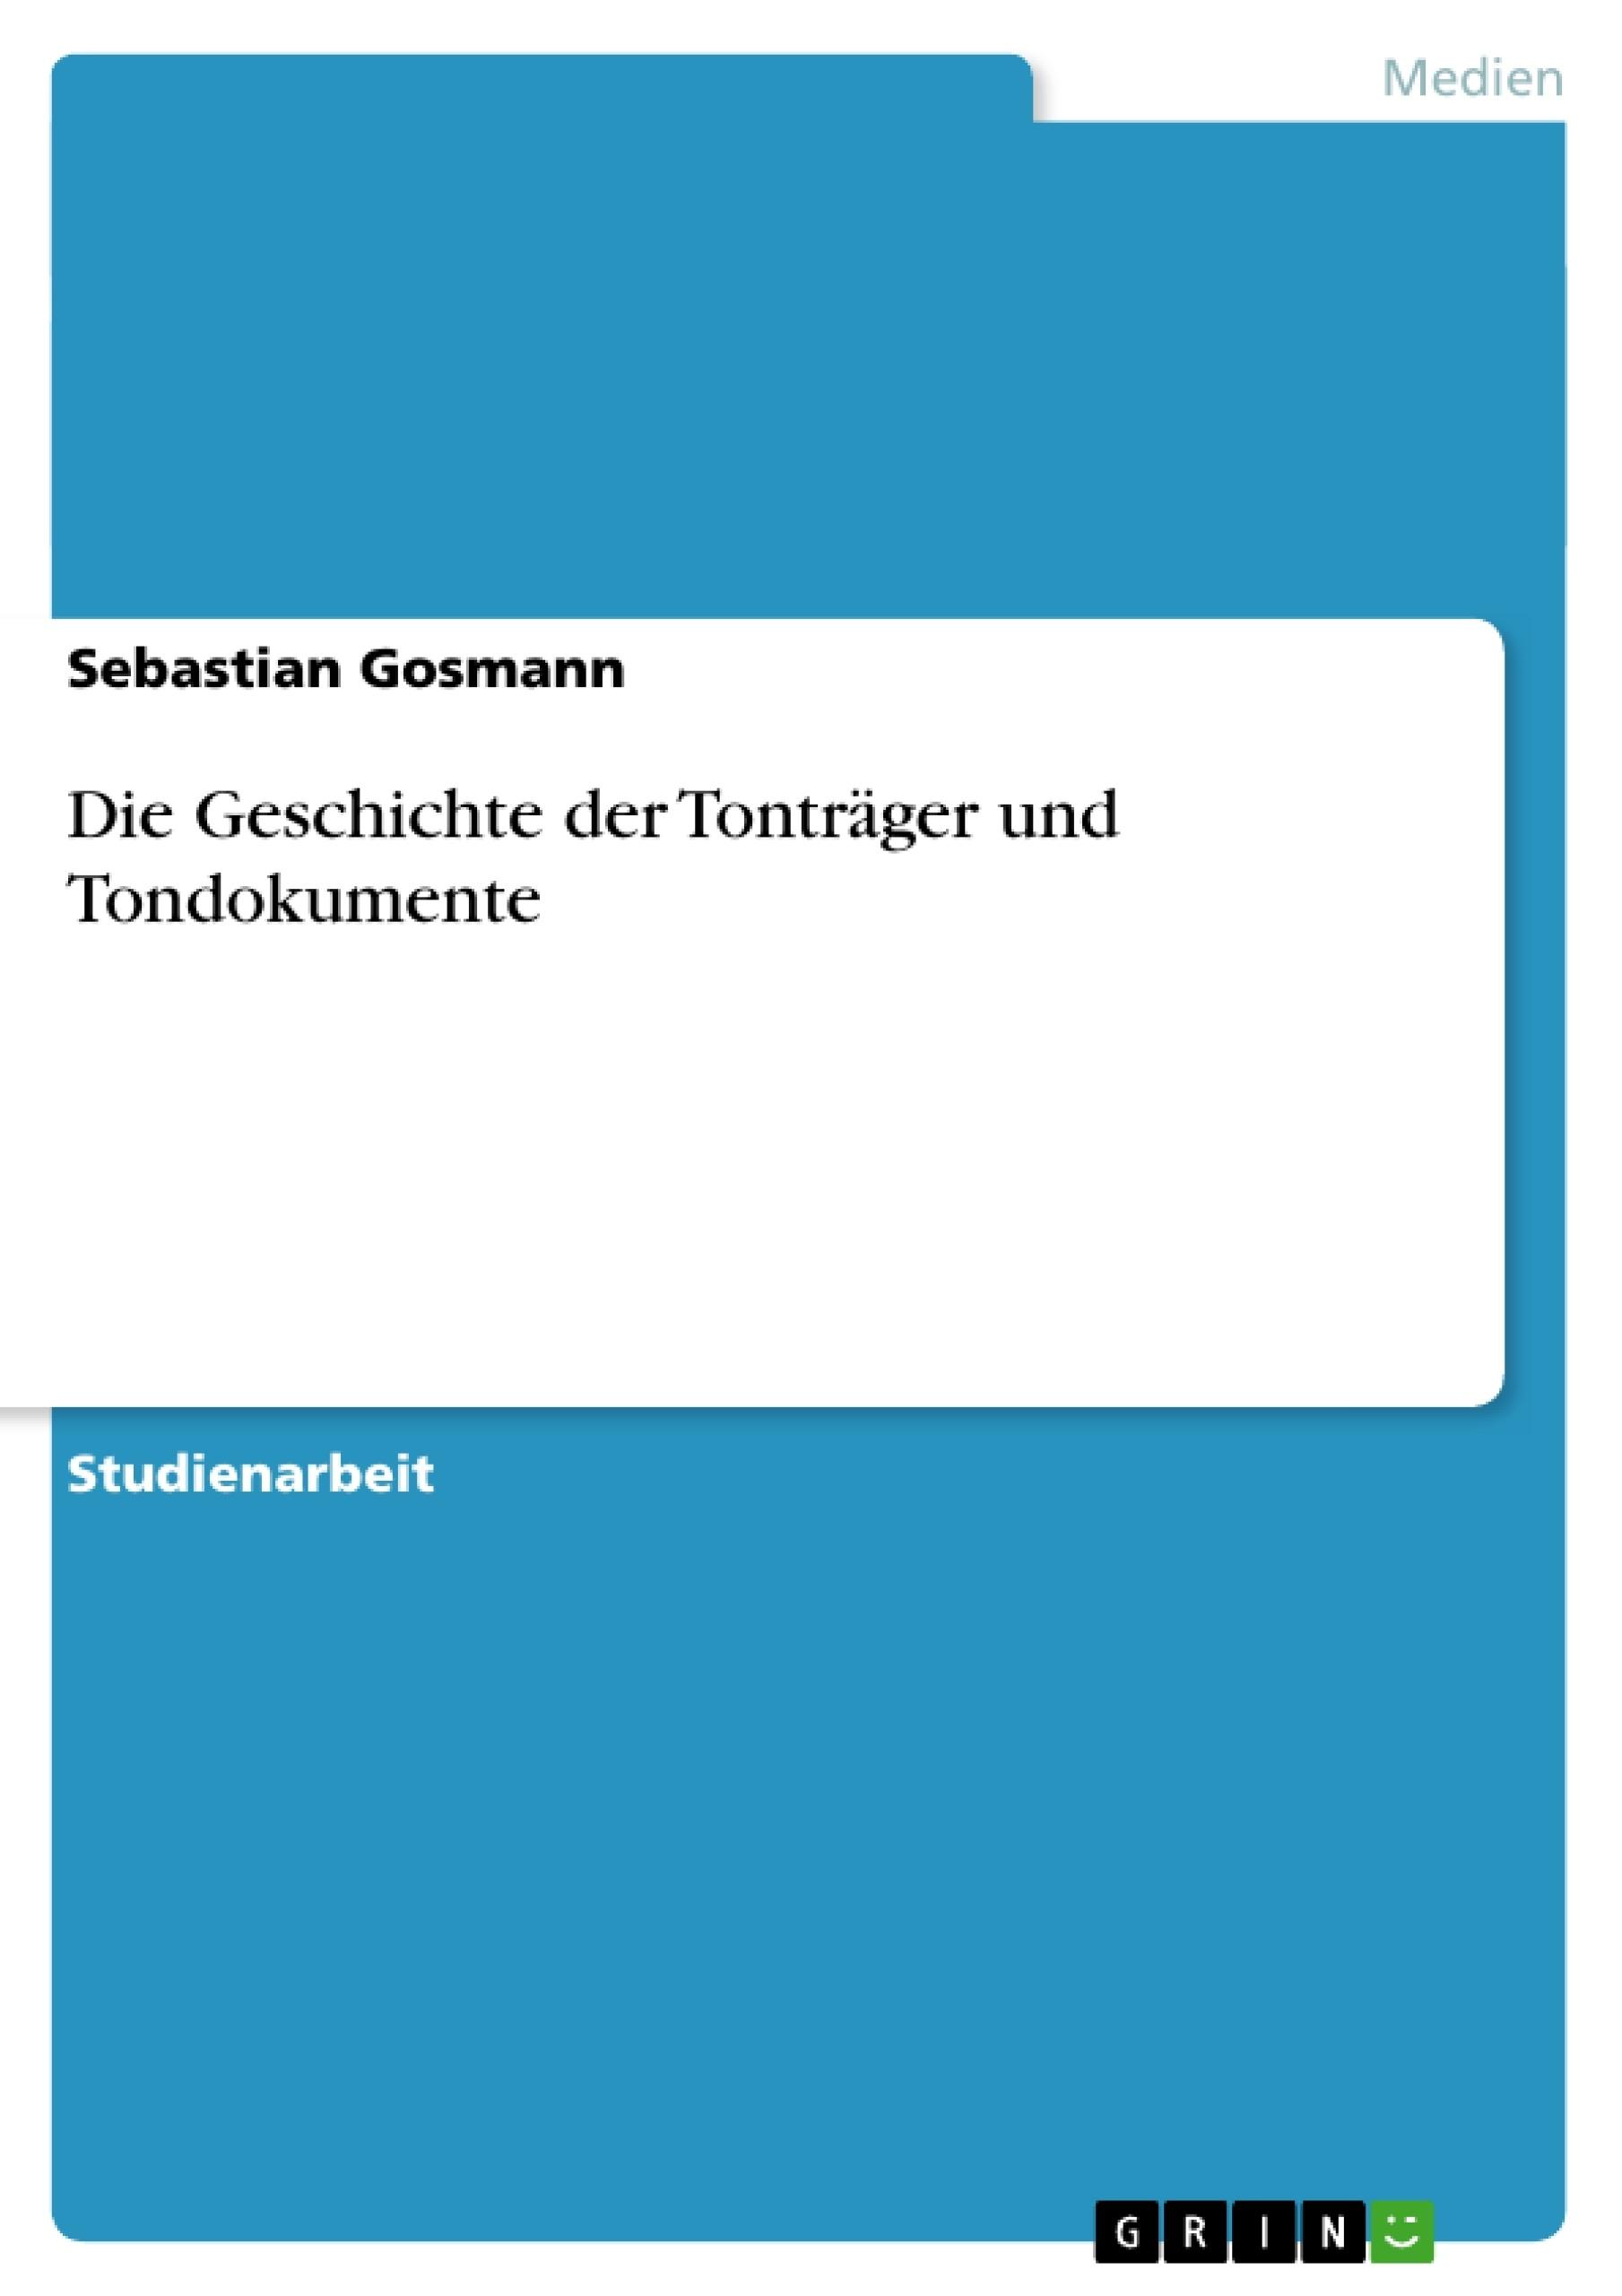 Titel: Die Geschichte der Tonträger und Tondokumente